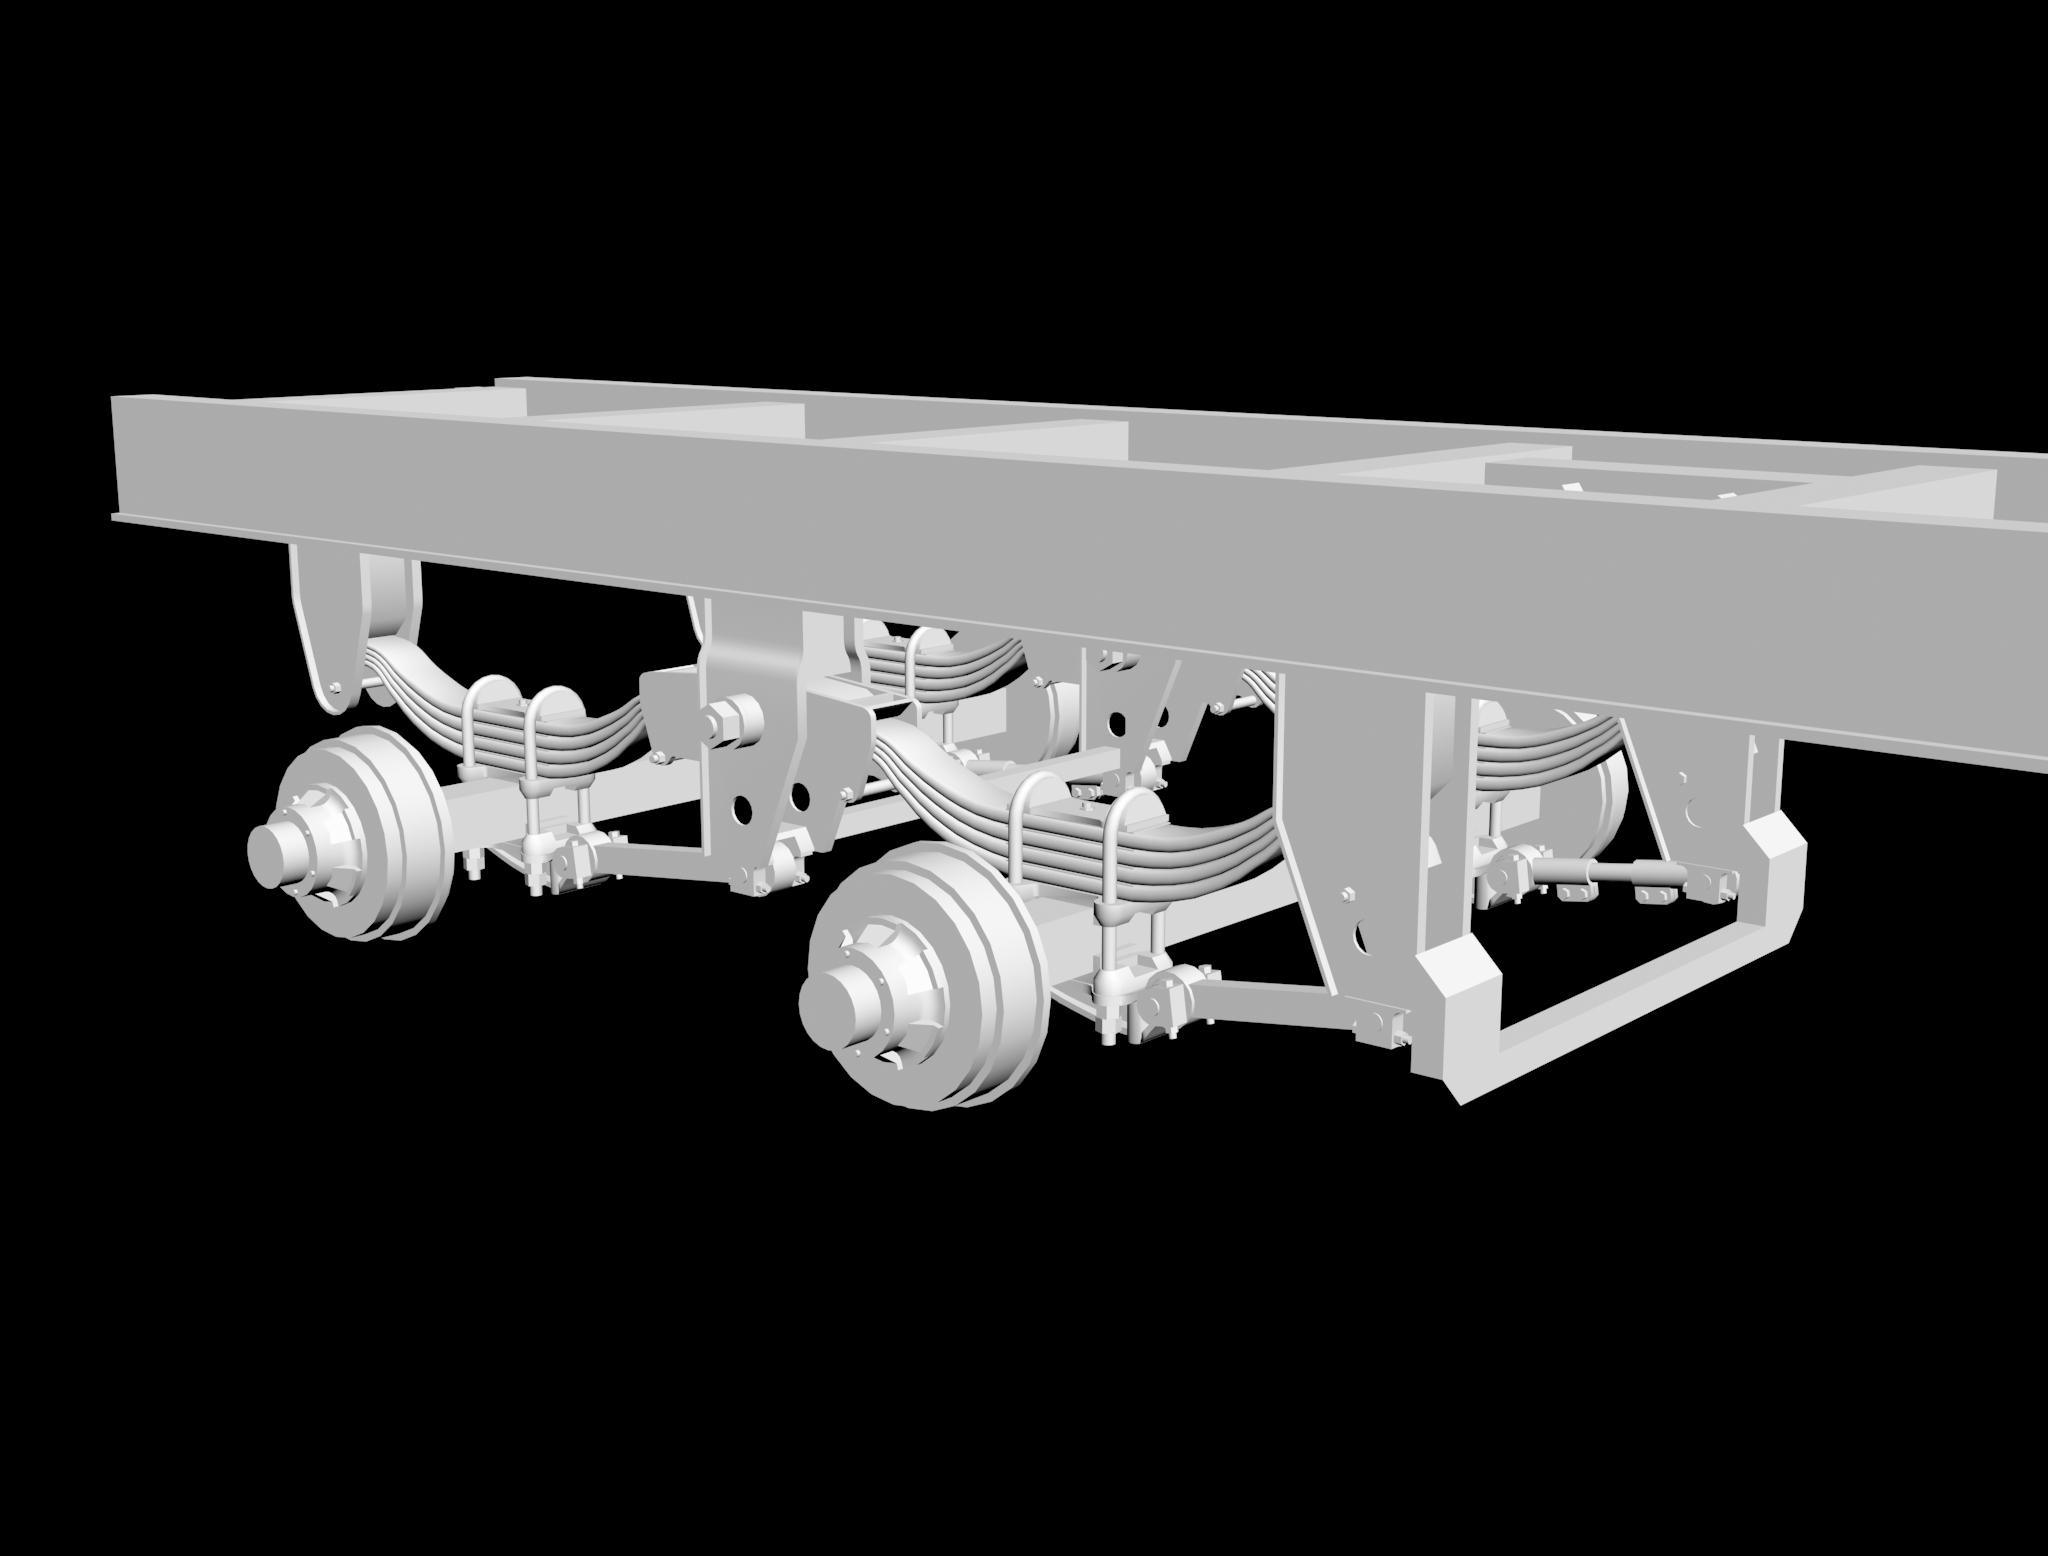 [Encuesta][T.E.P.] Proyecto Aguas Tenias (22 modelos + 1 Camión) [Terminado 21-4-2014]. 5v0j3a